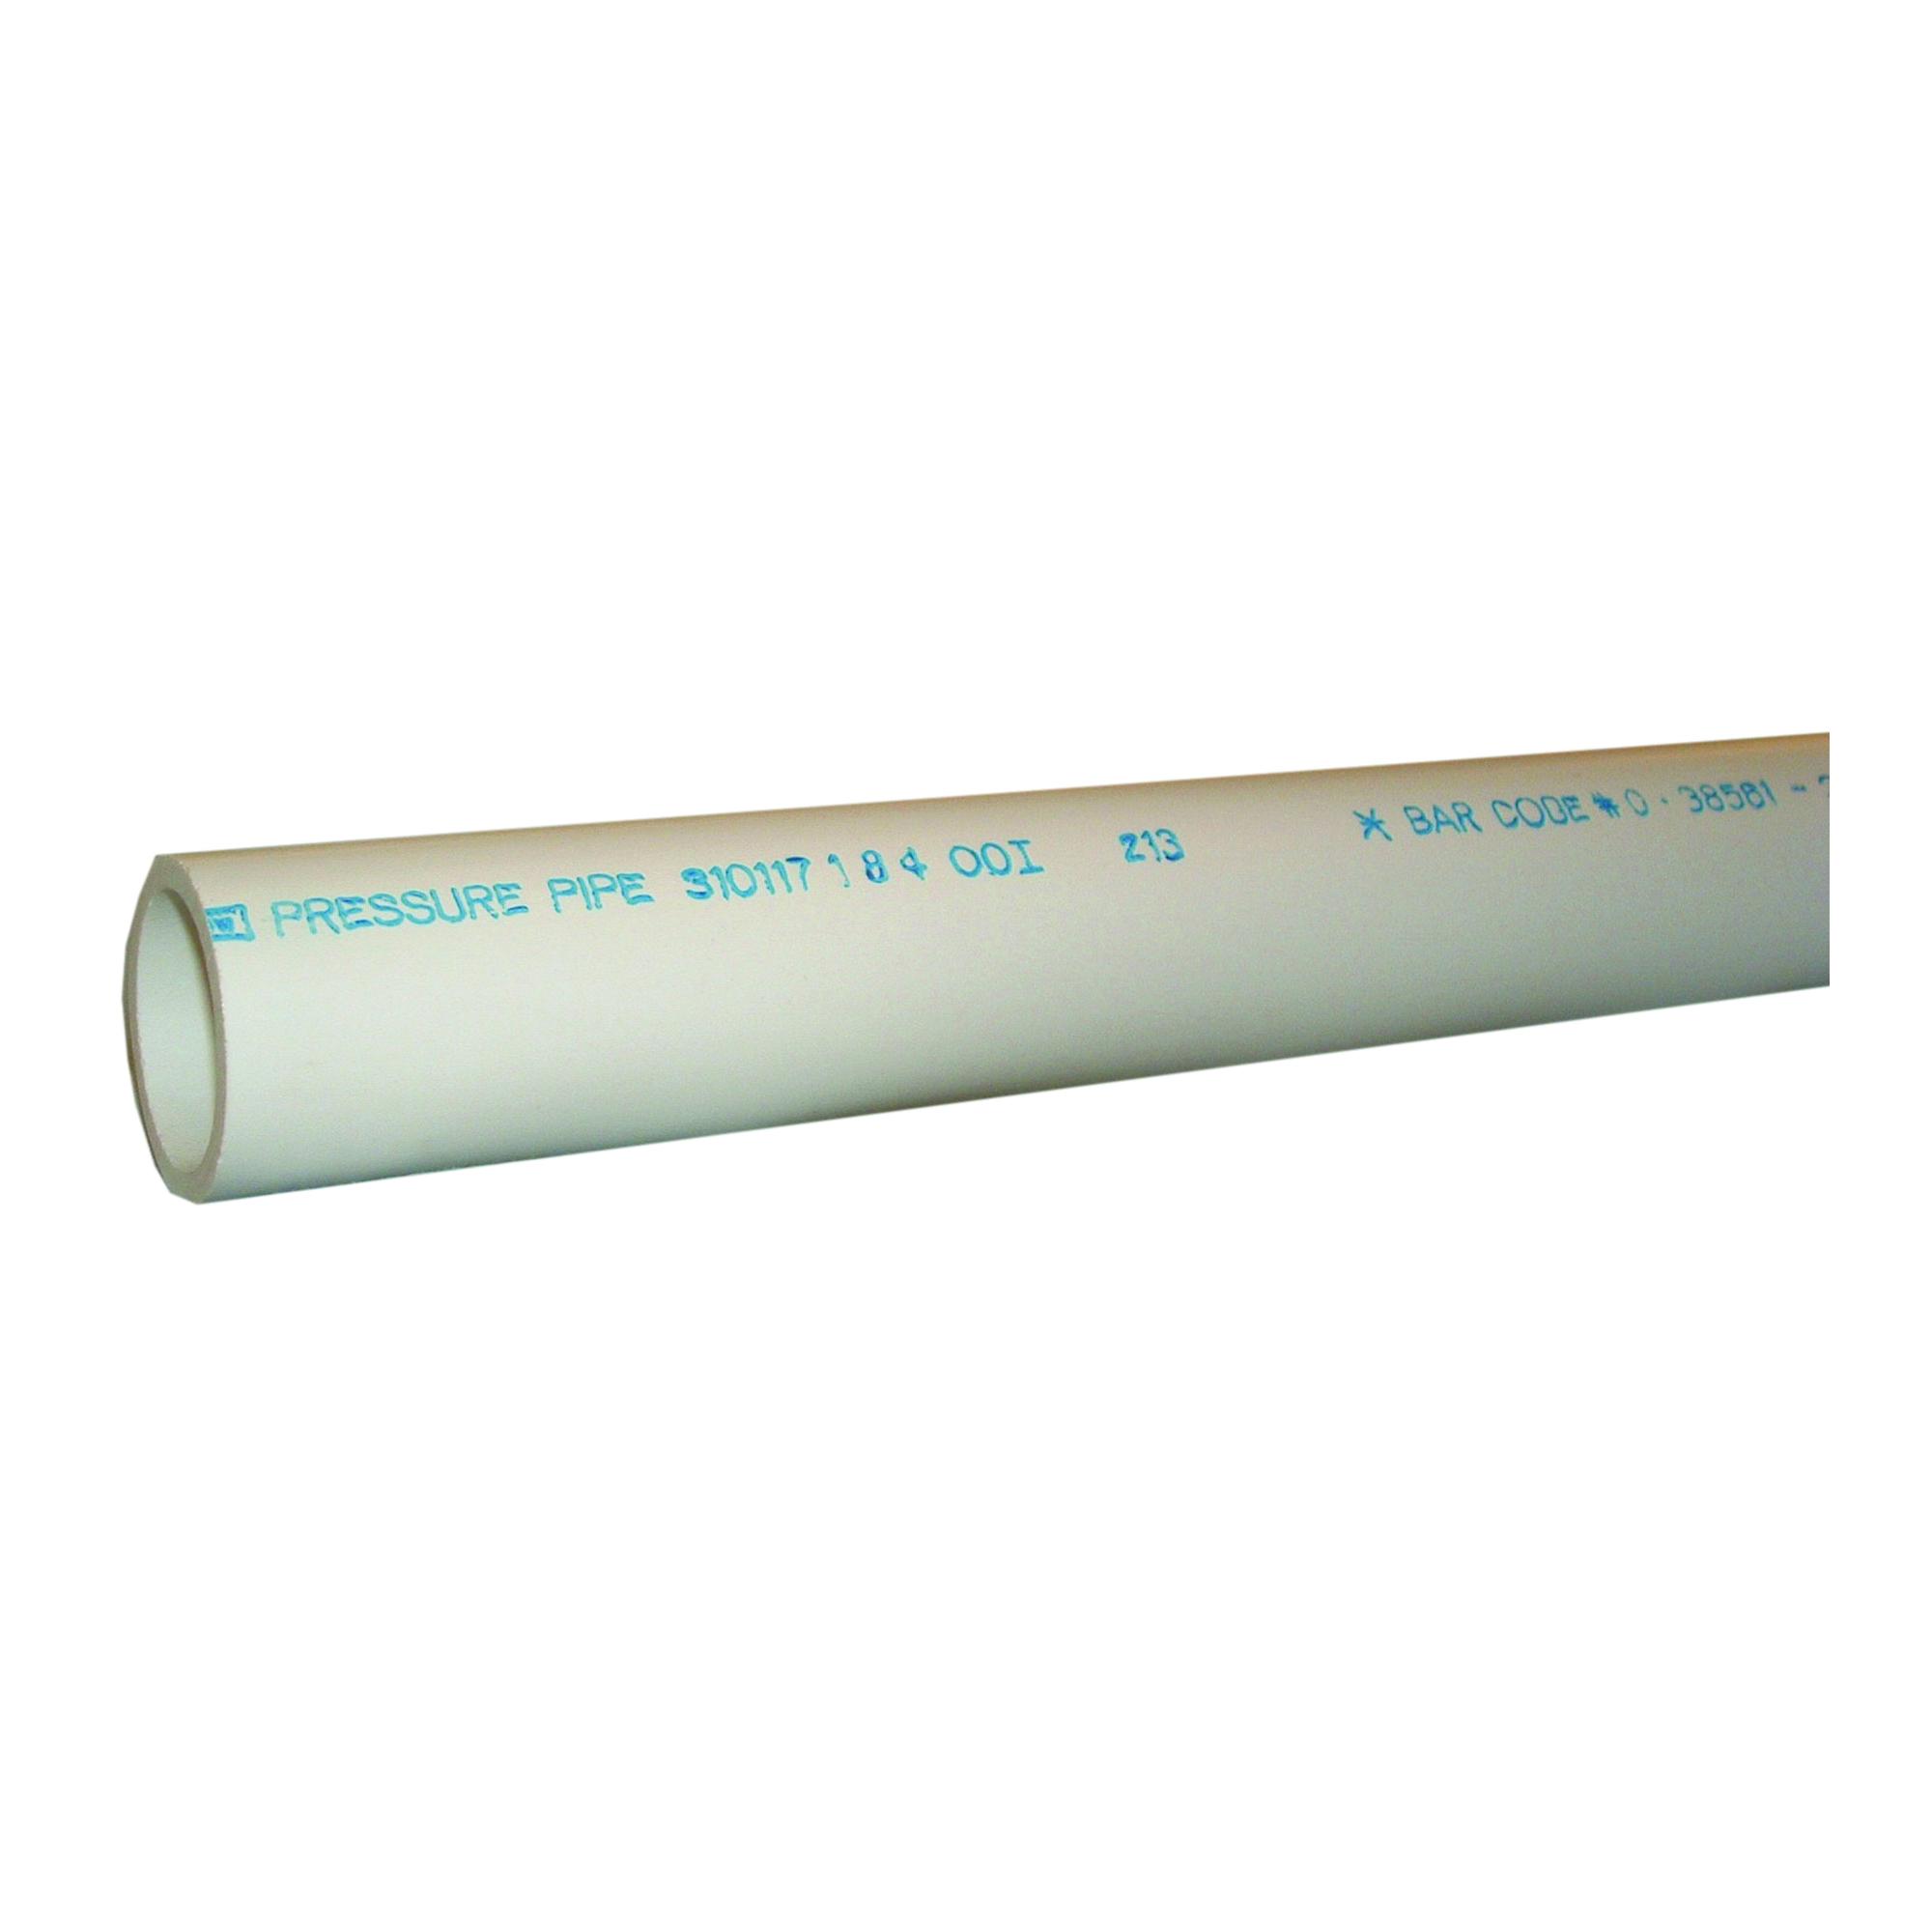 Picture of GENOVA 3101172 Cut Pipe Plain, 2 ft L, Plain, SCH 40 Schedule, White